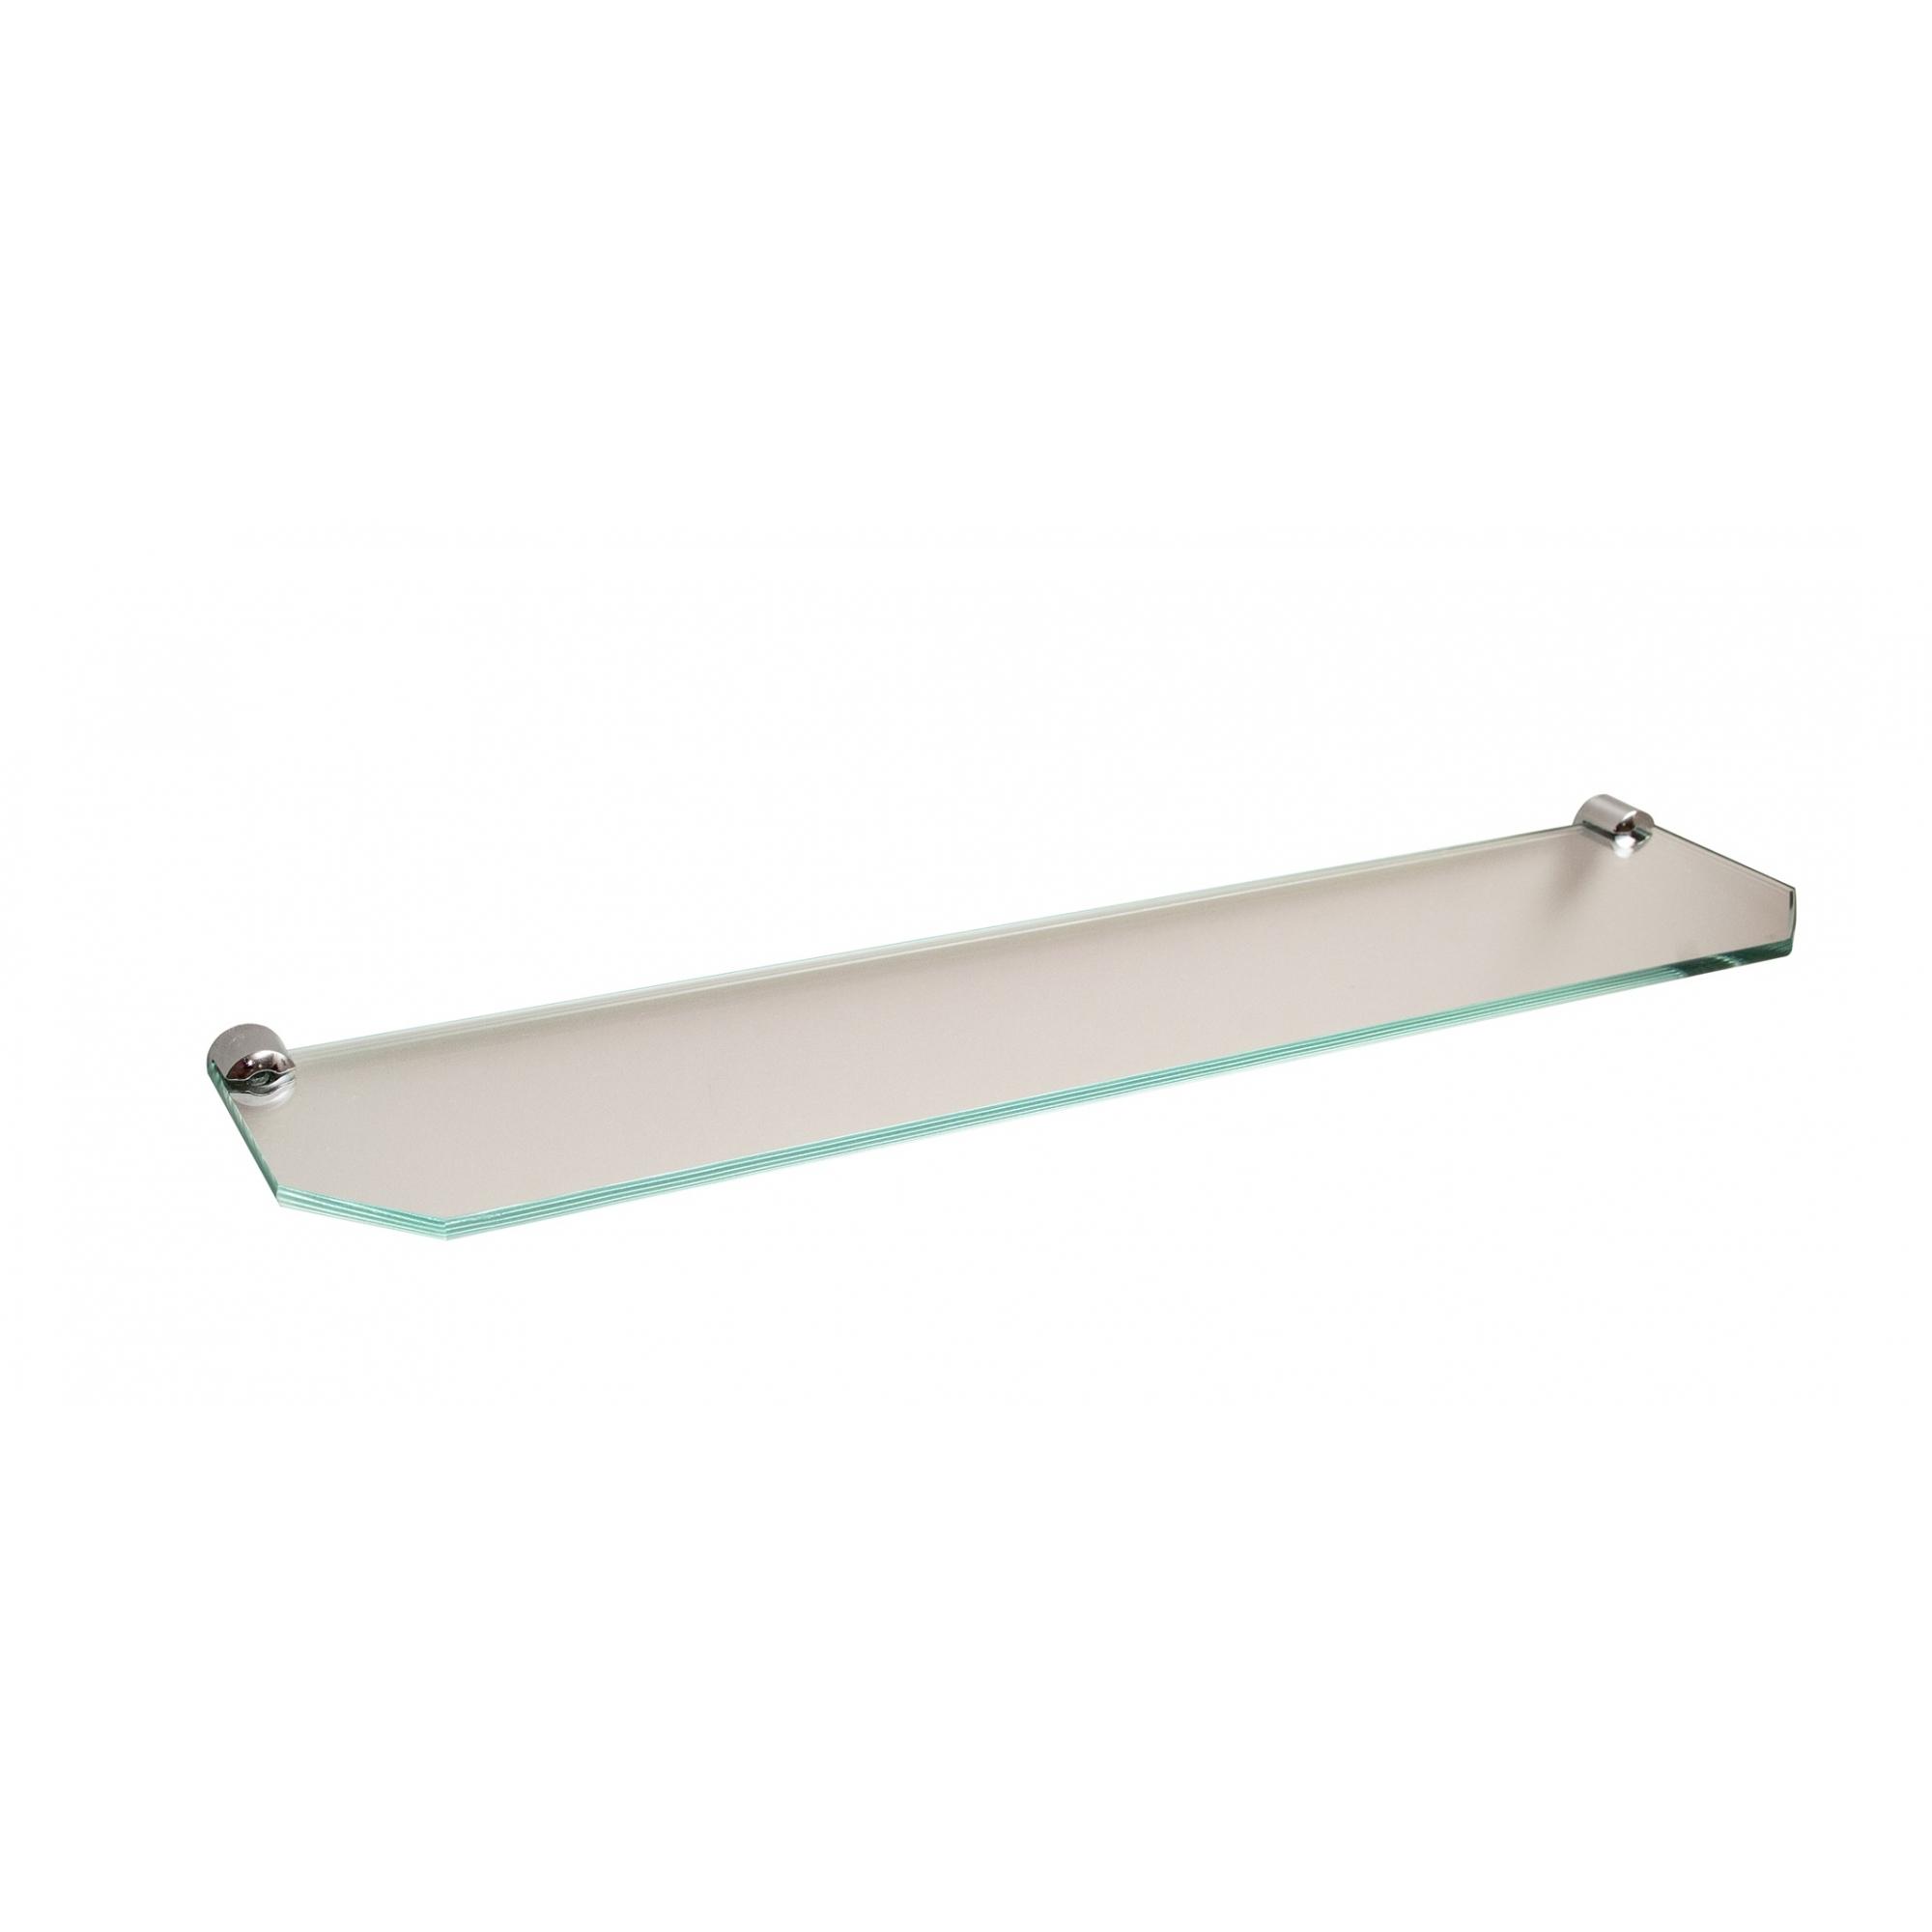 Prateleira de vidro chanfrado 45 cm